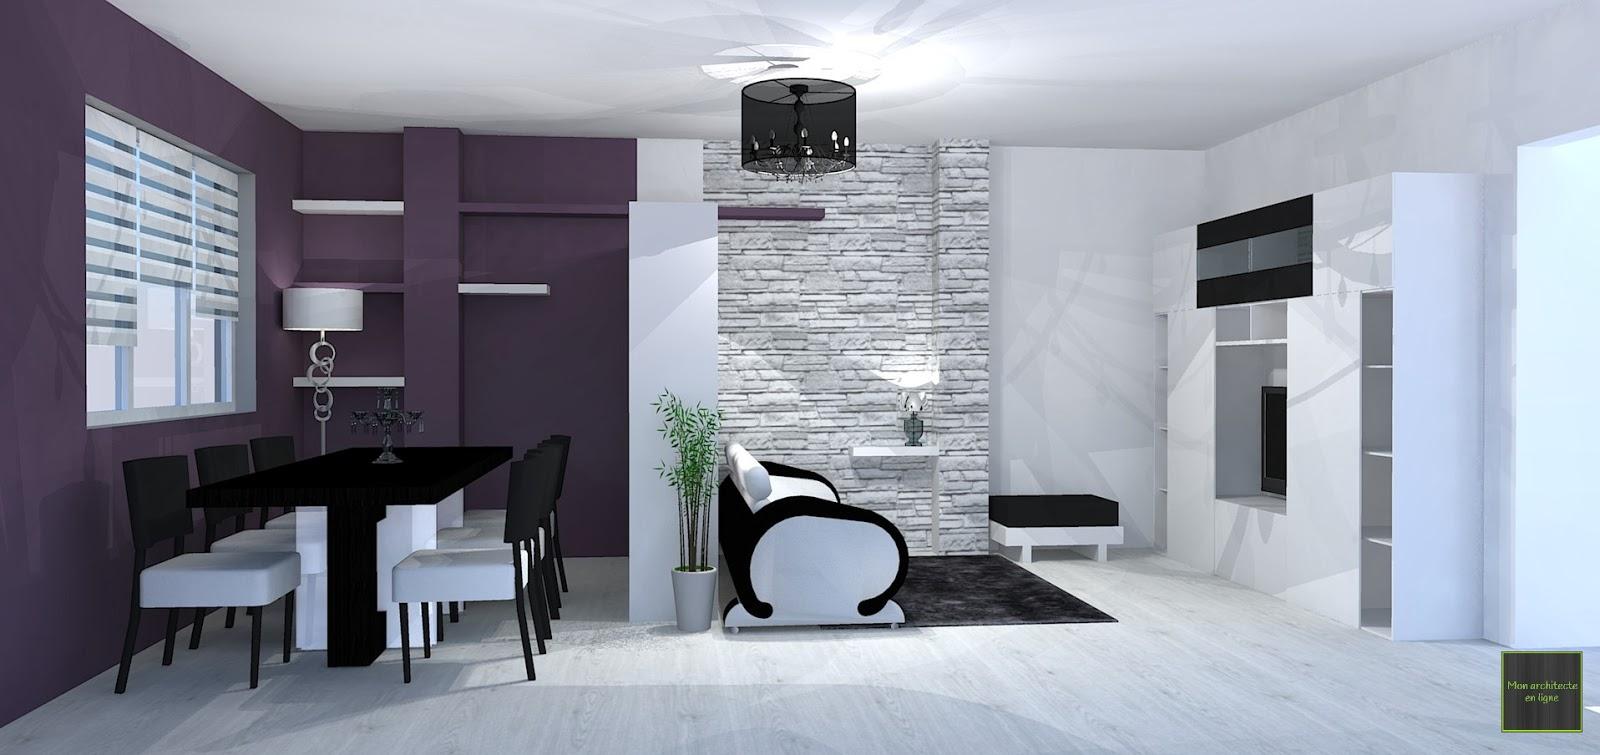 mon architecte en ligne salon baroque contemporain. Black Bedroom Furniture Sets. Home Design Ideas